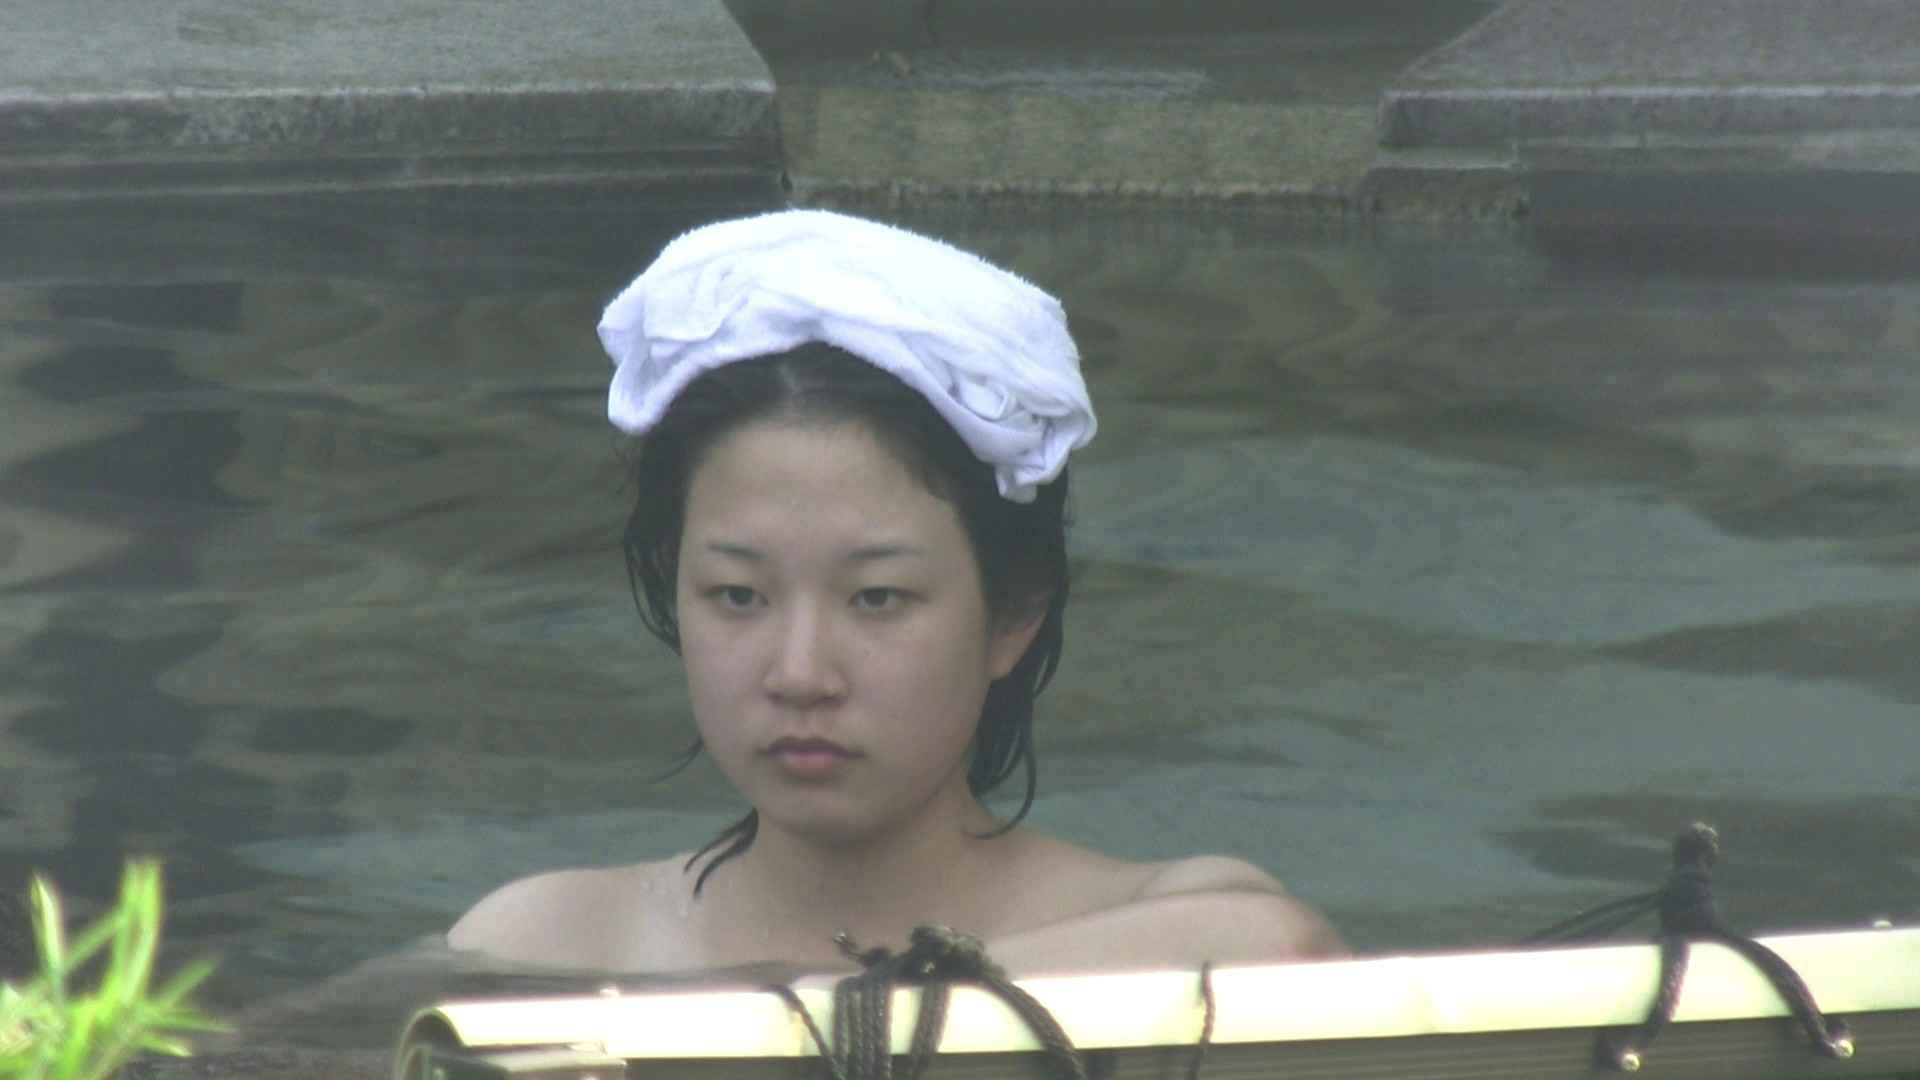 Aquaな露天風呂Vol.172 女体盗撮  60連発 27